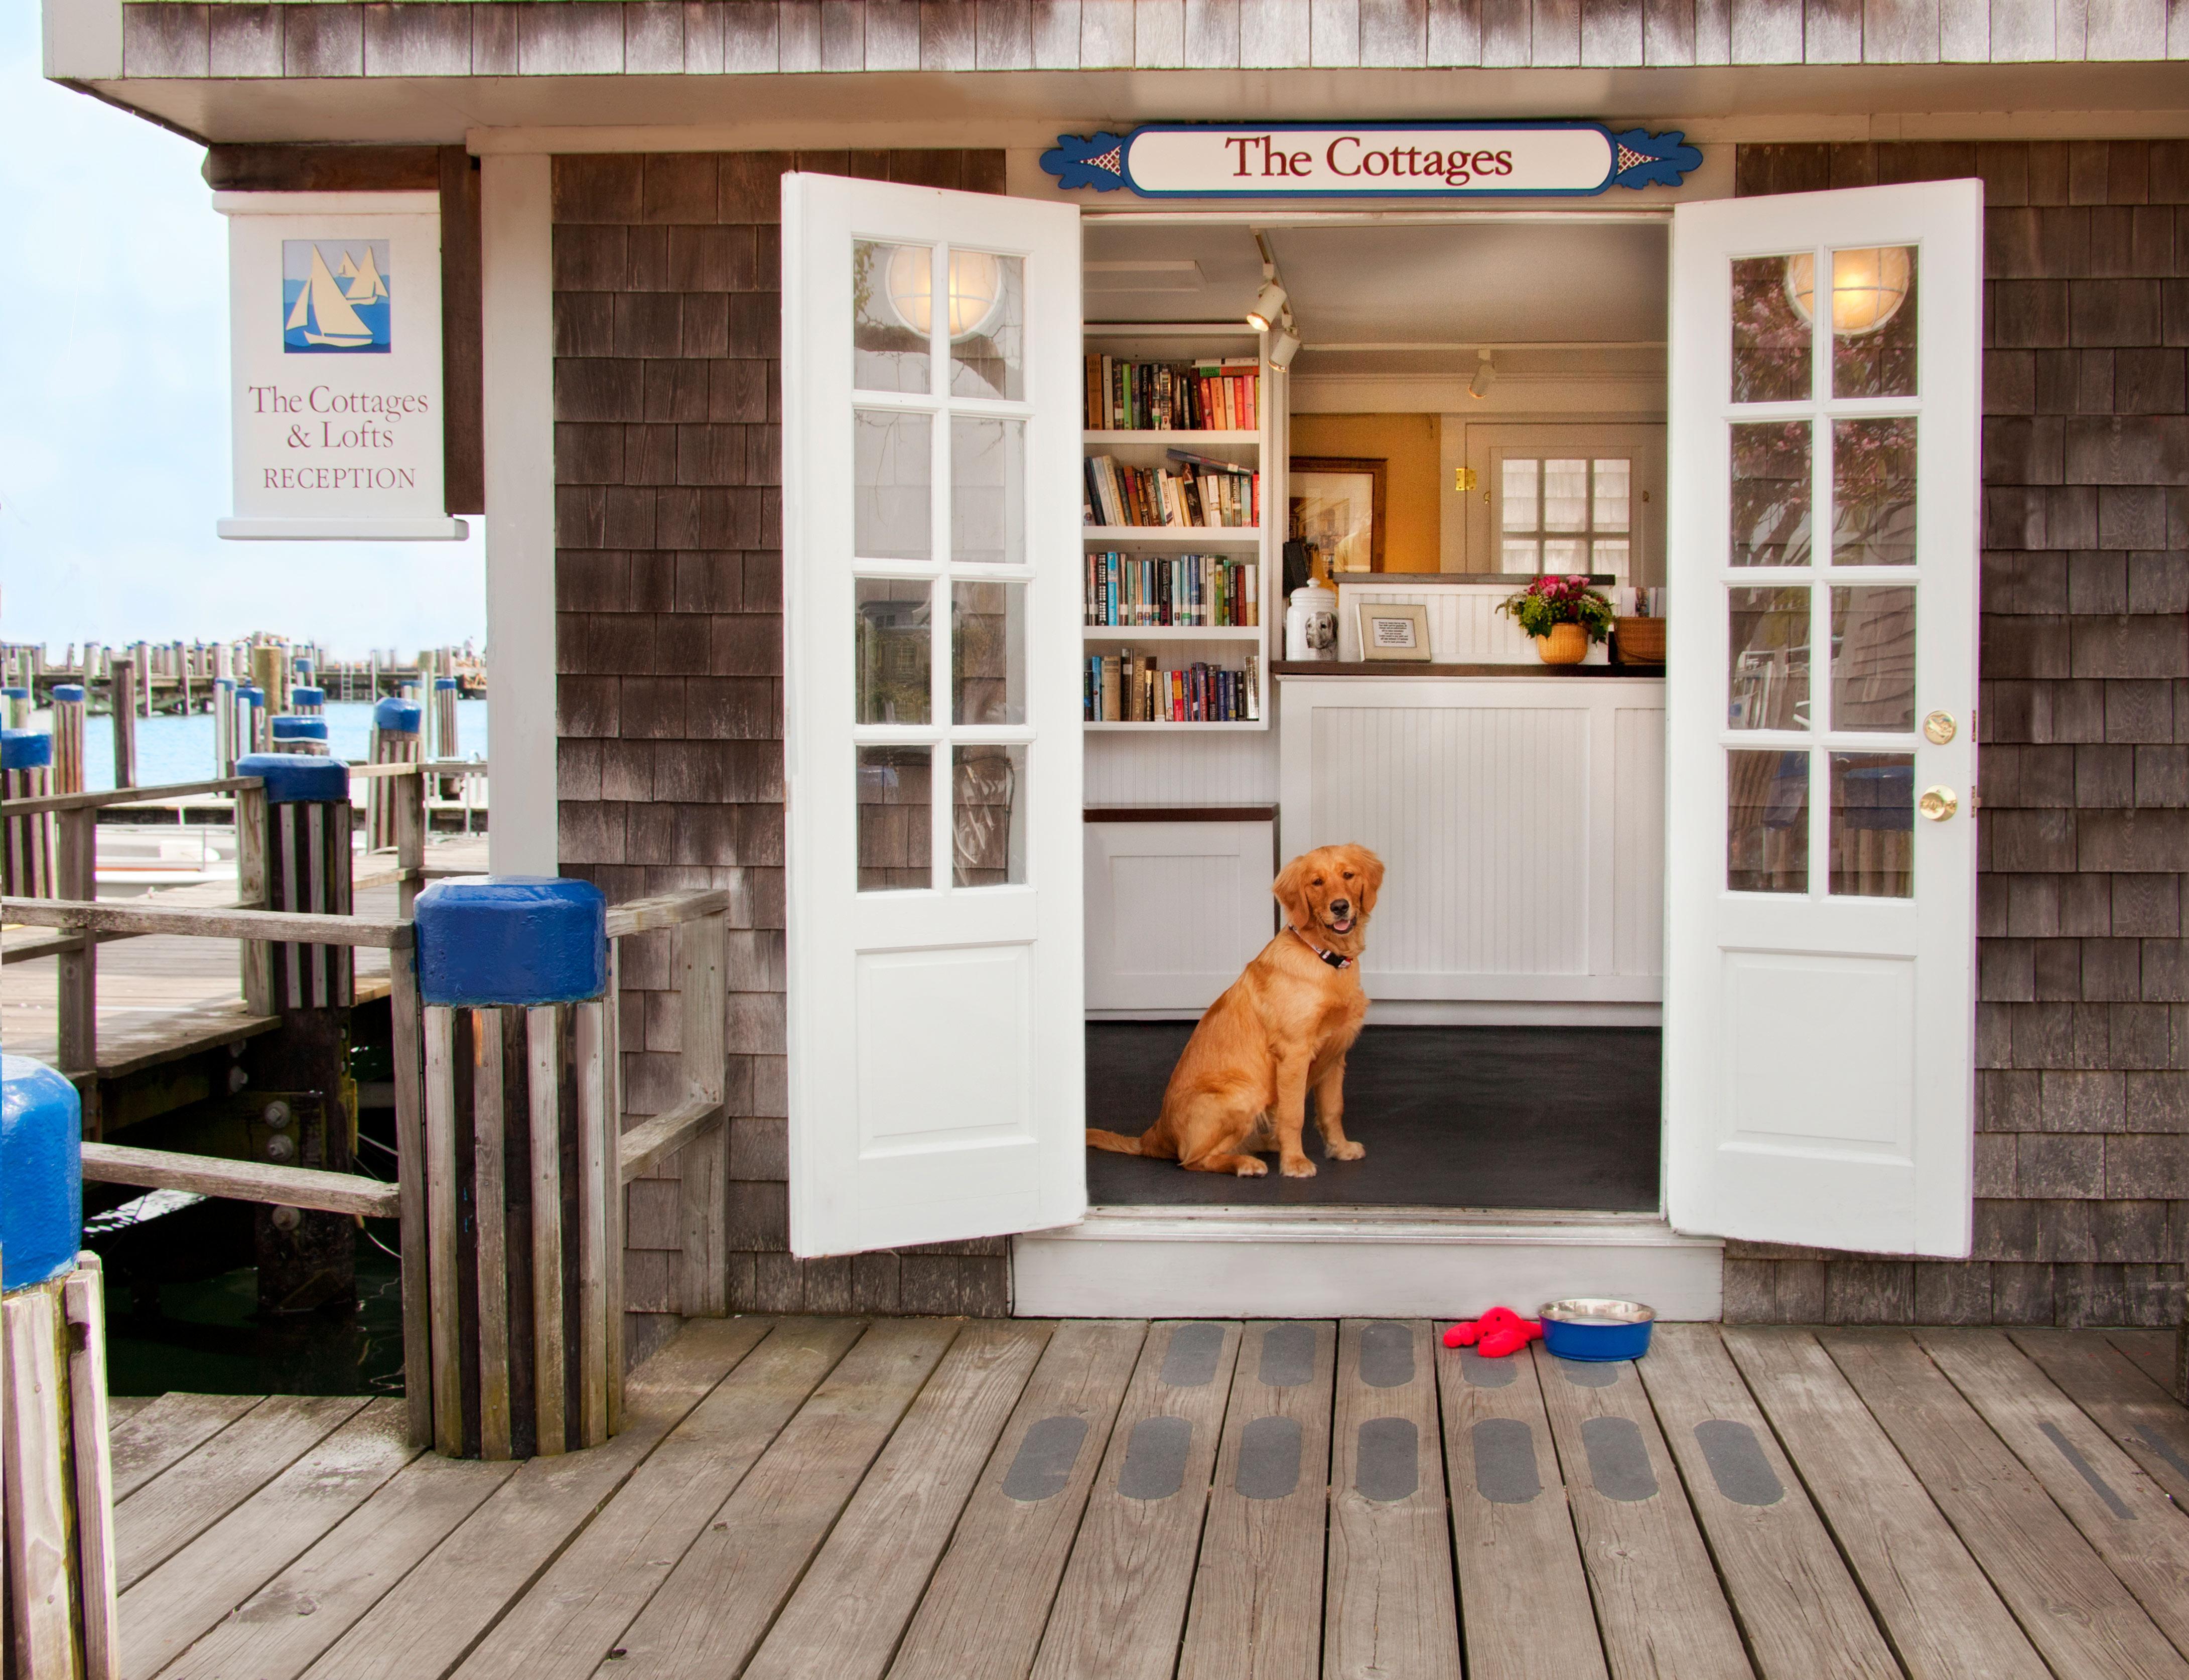 Lucky dog - Ellie in the doorway